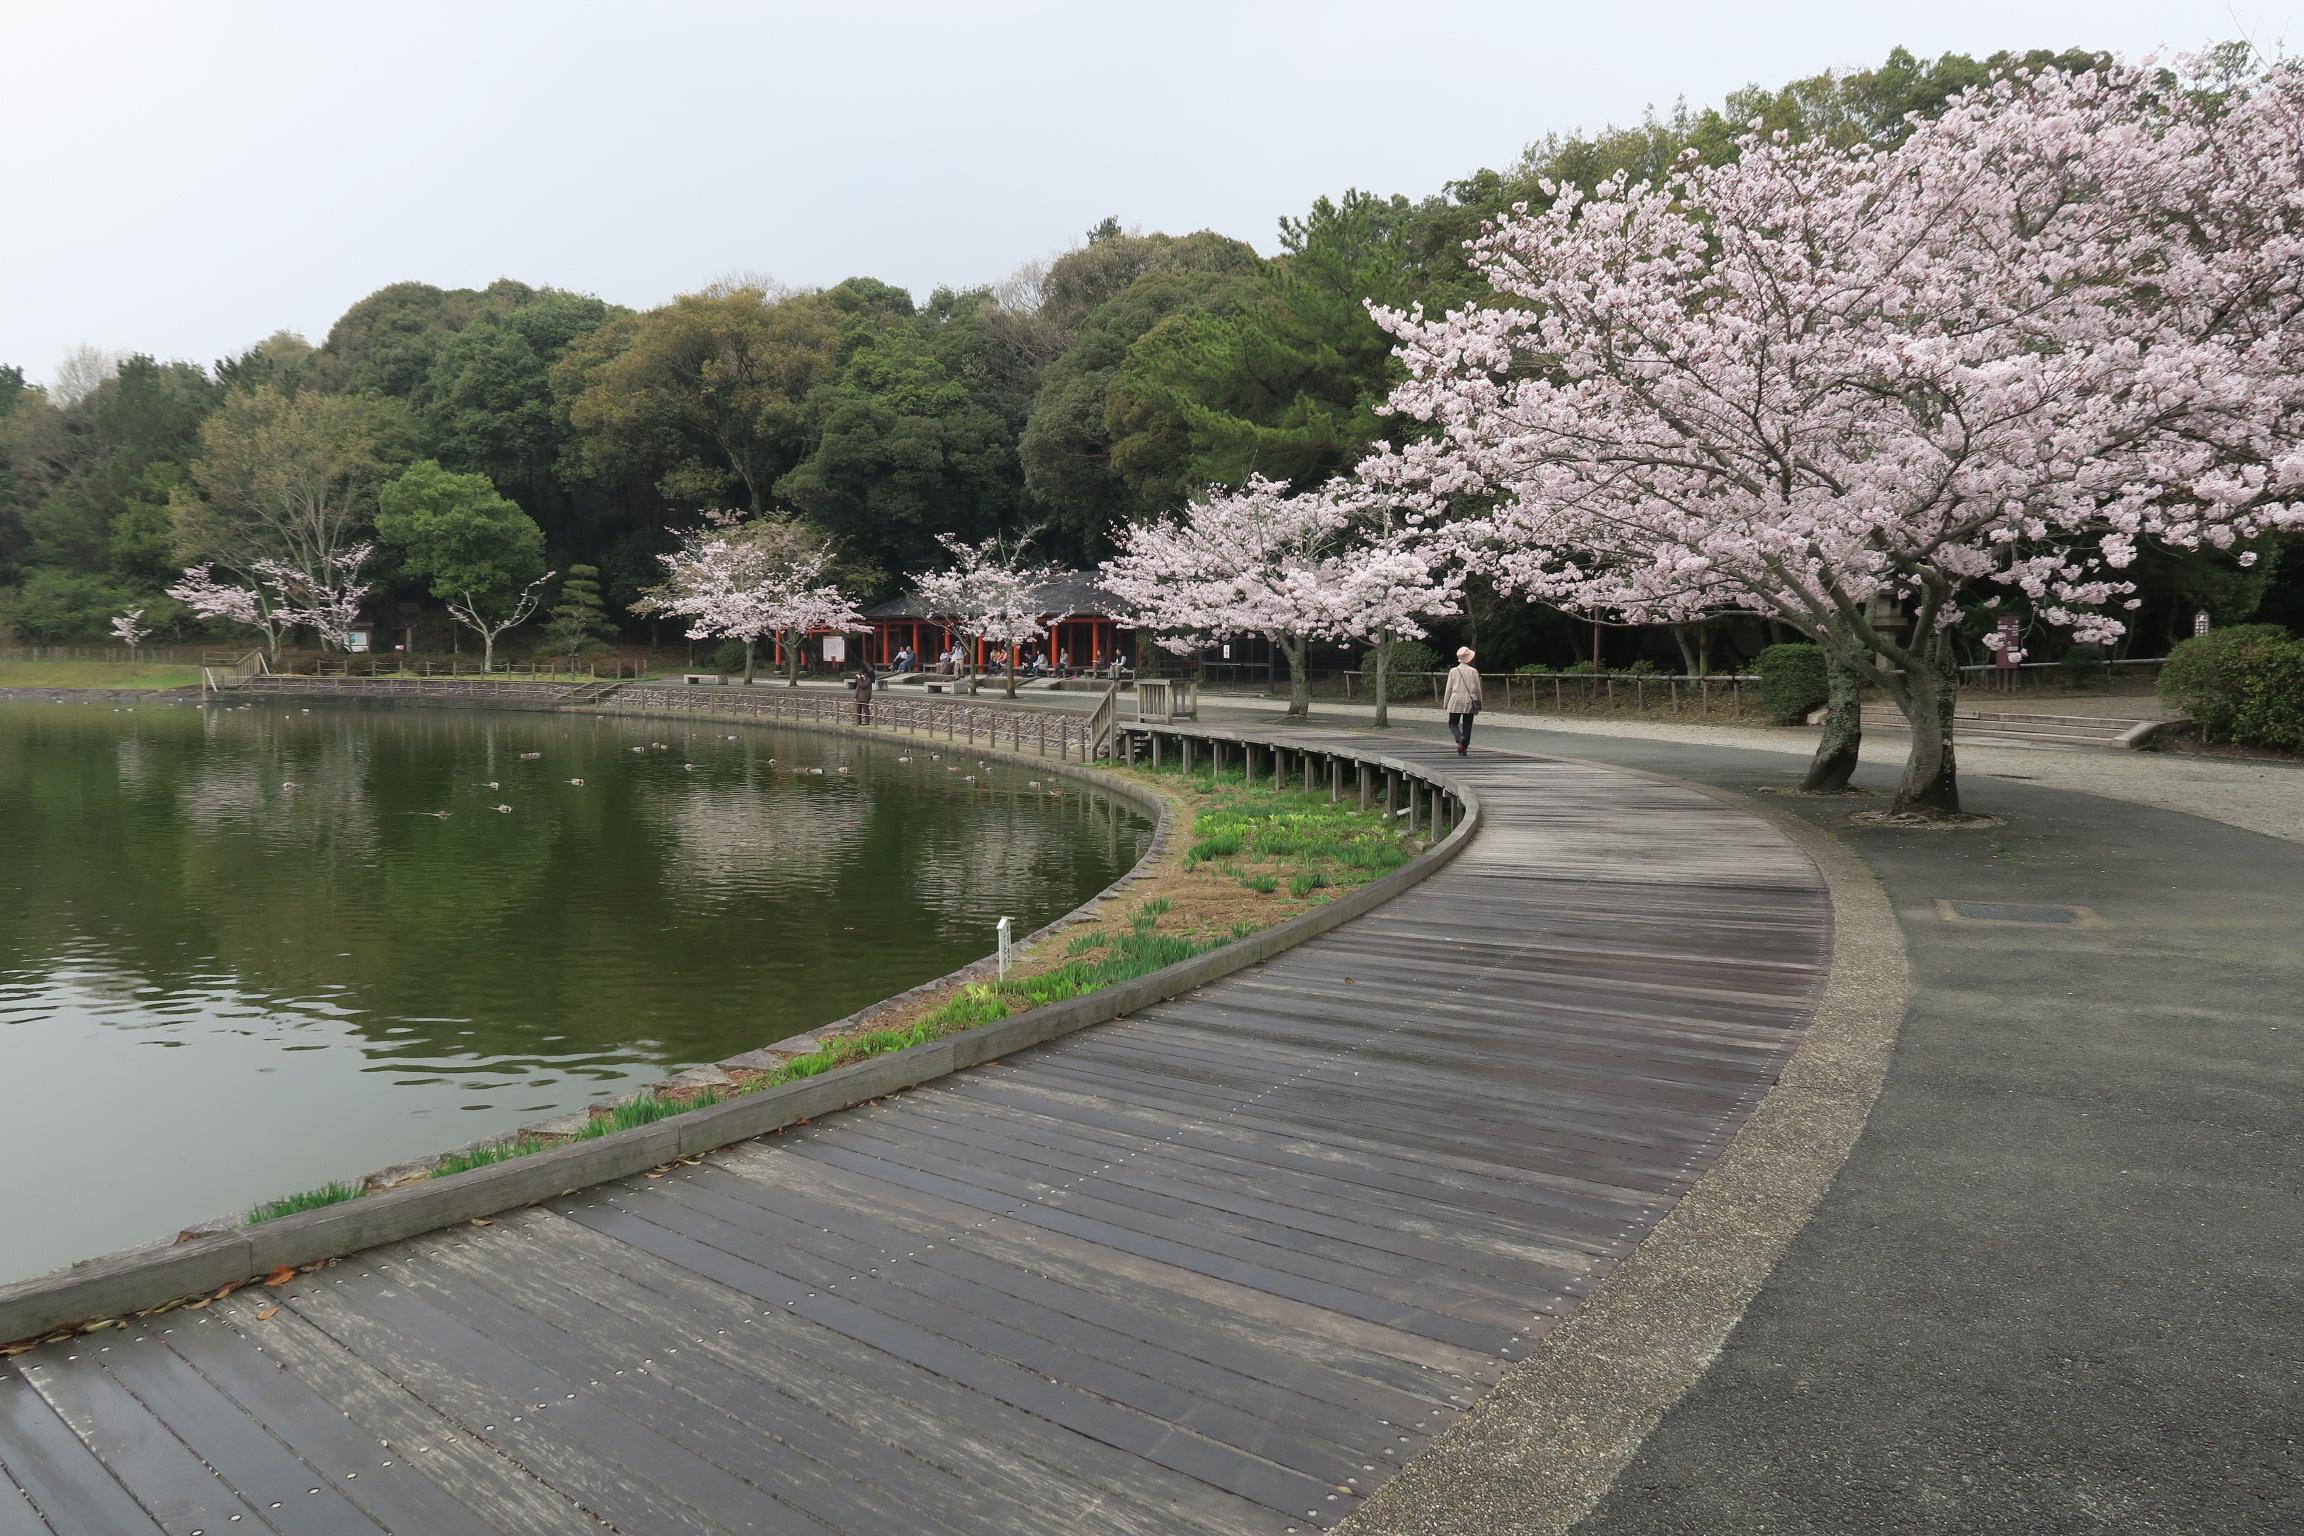 深田池沿いには桜が満開でした!天気も良ければ、気持ちよさそうです。